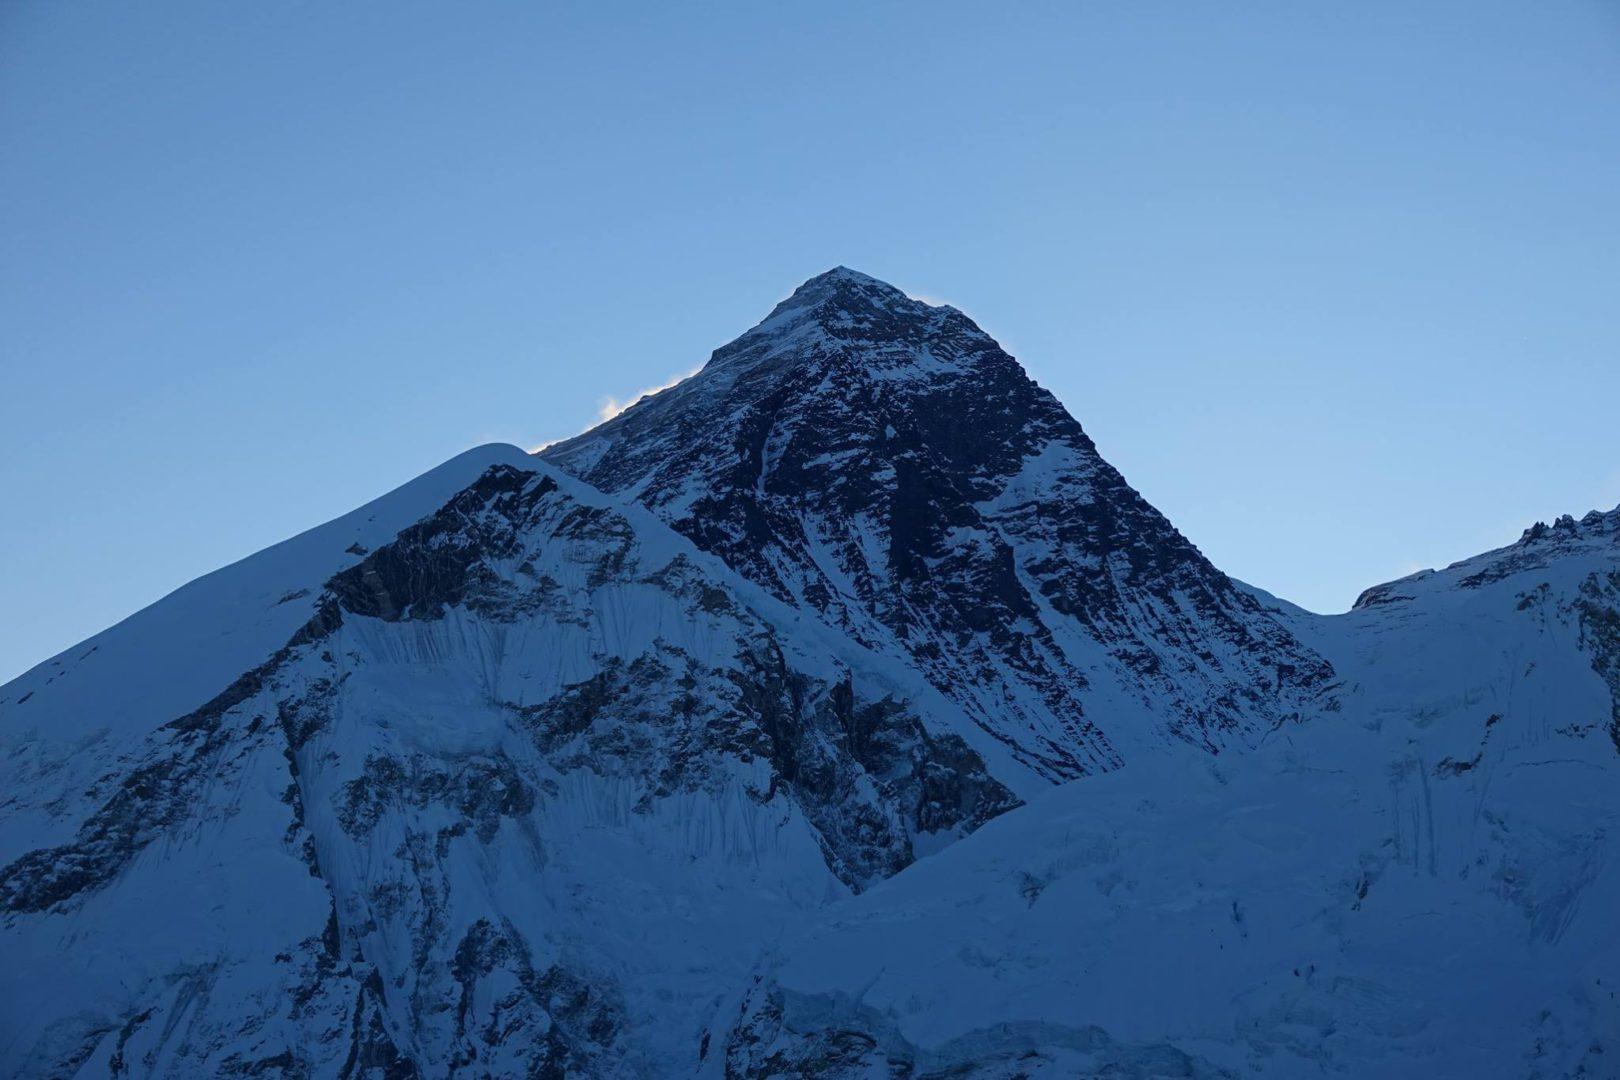 Himalaya Berge Karte.Ubersicht Uber Die Hochsten Berge Der Welt Top 100 Liste